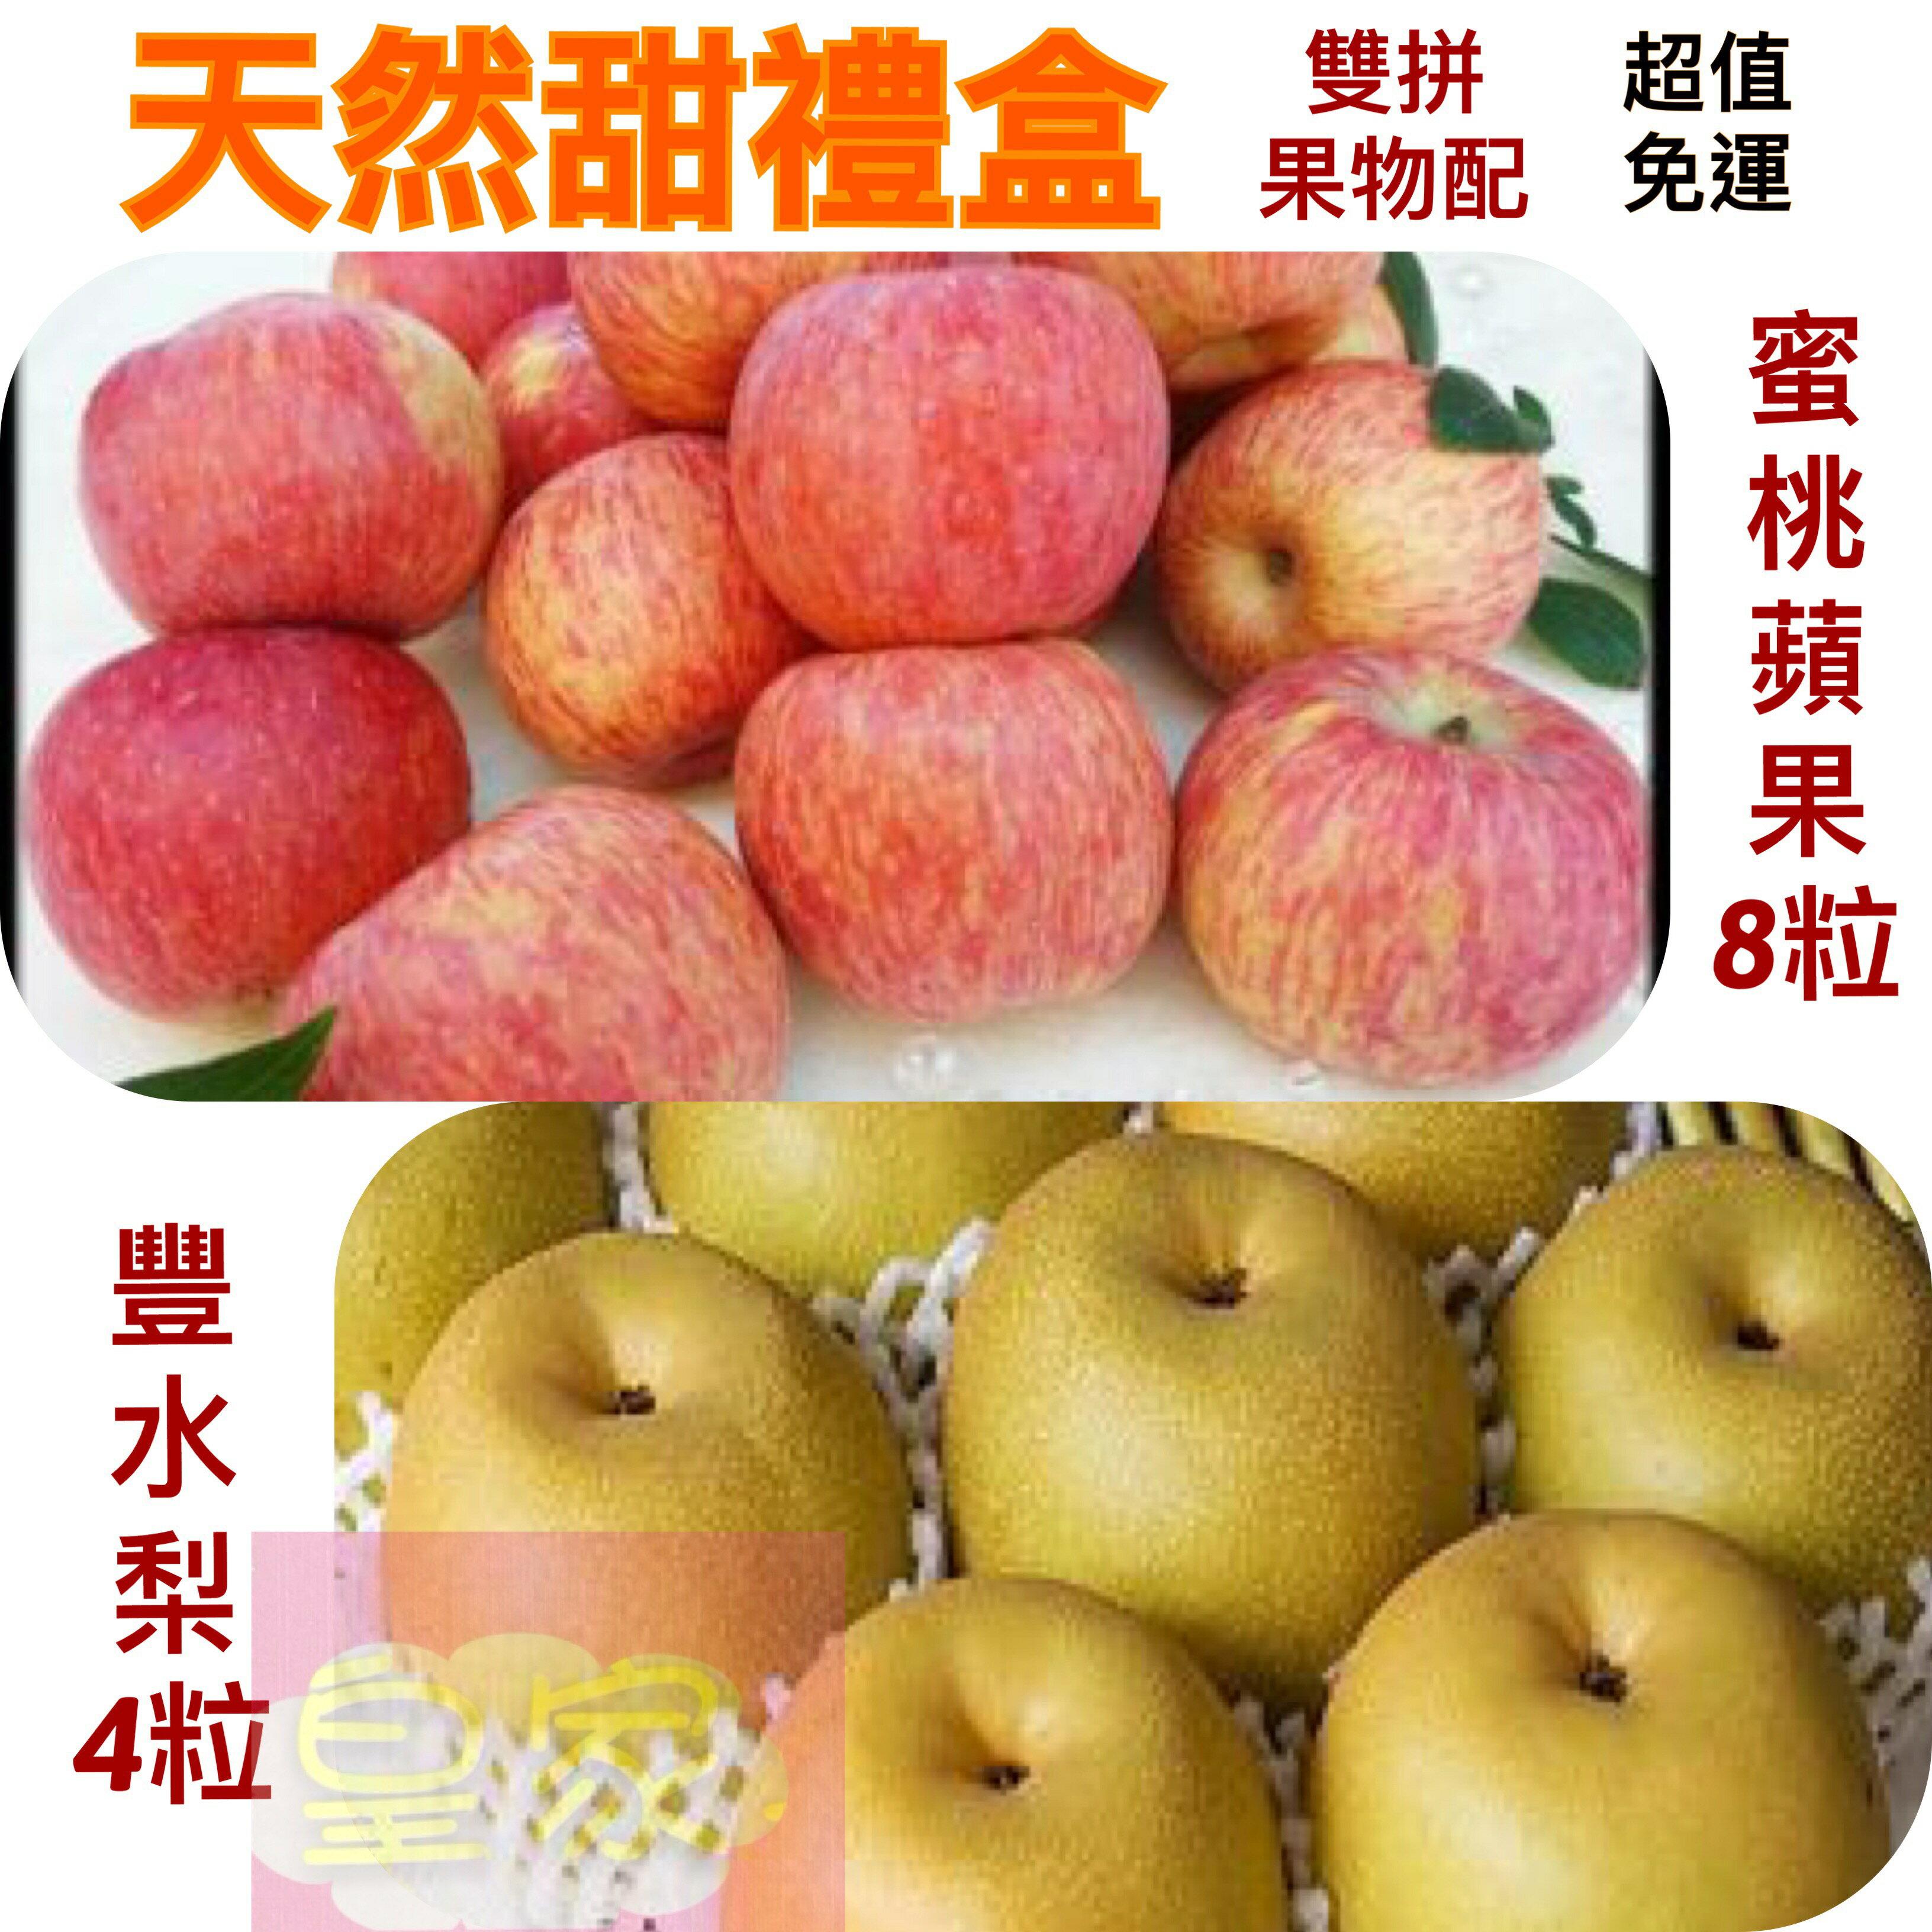 天然甜禮盒〈蜜桃蘋果8粒+豐水梨4粒〉低溫免運【皇家果物】